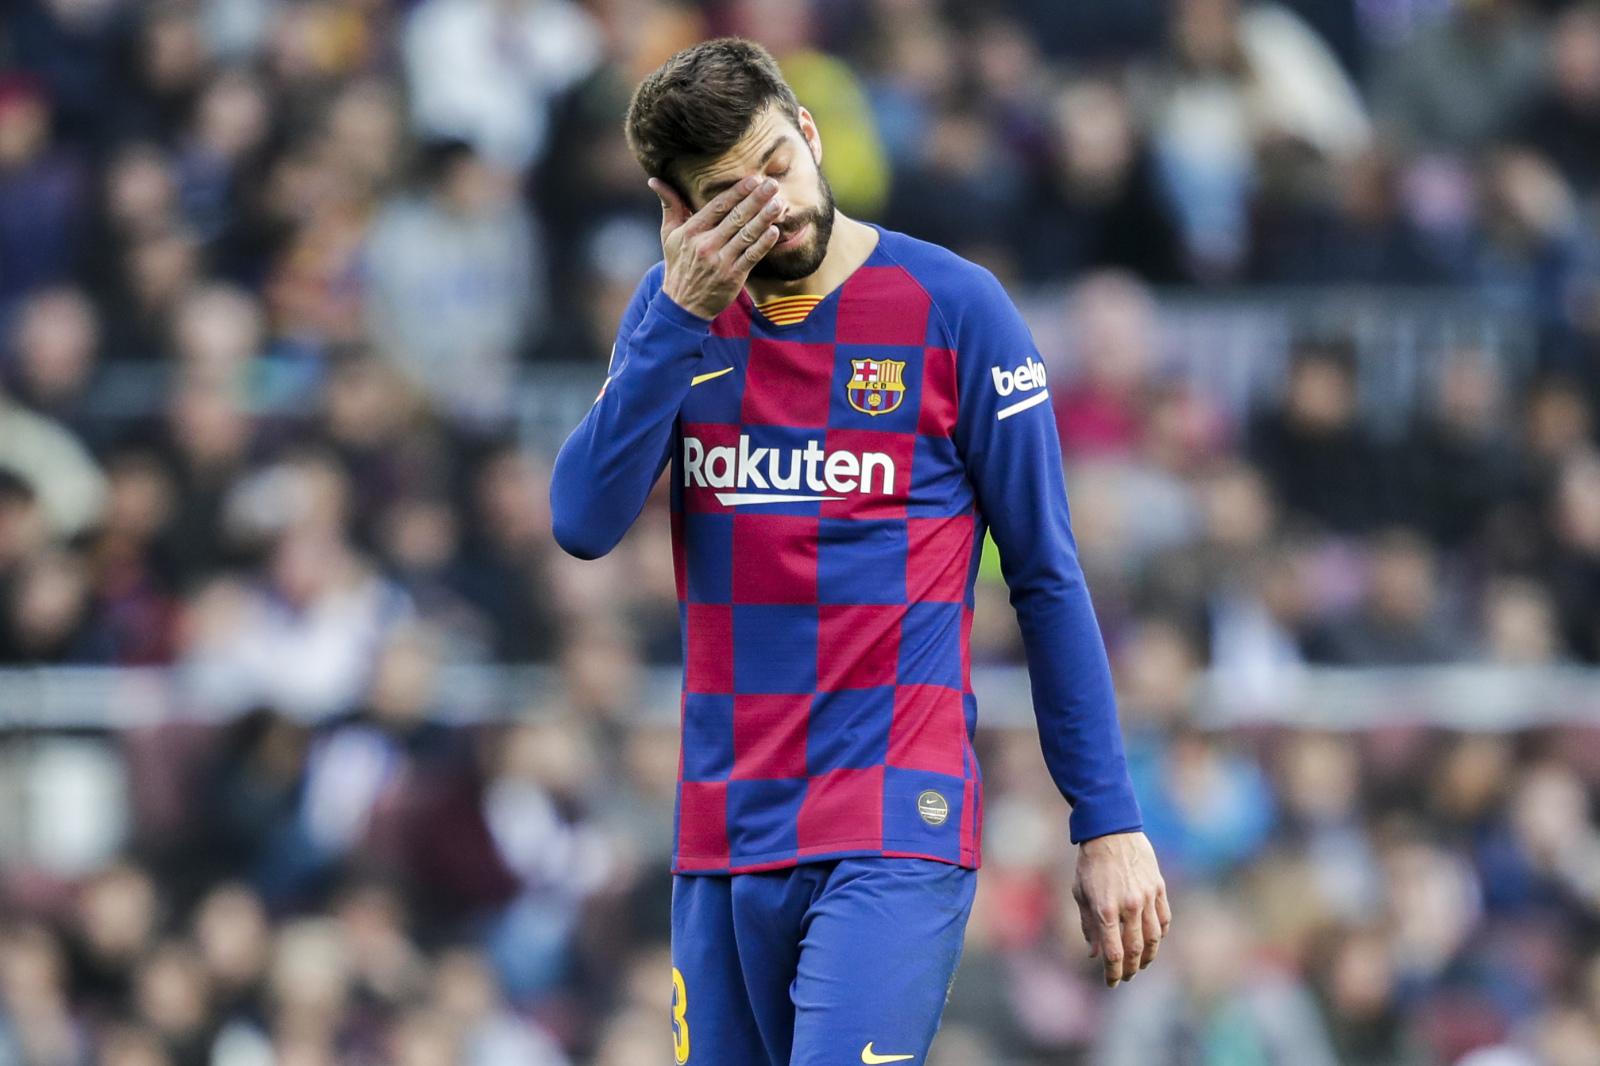 Barcelona set to sign free agent as Gerard Pique's successor